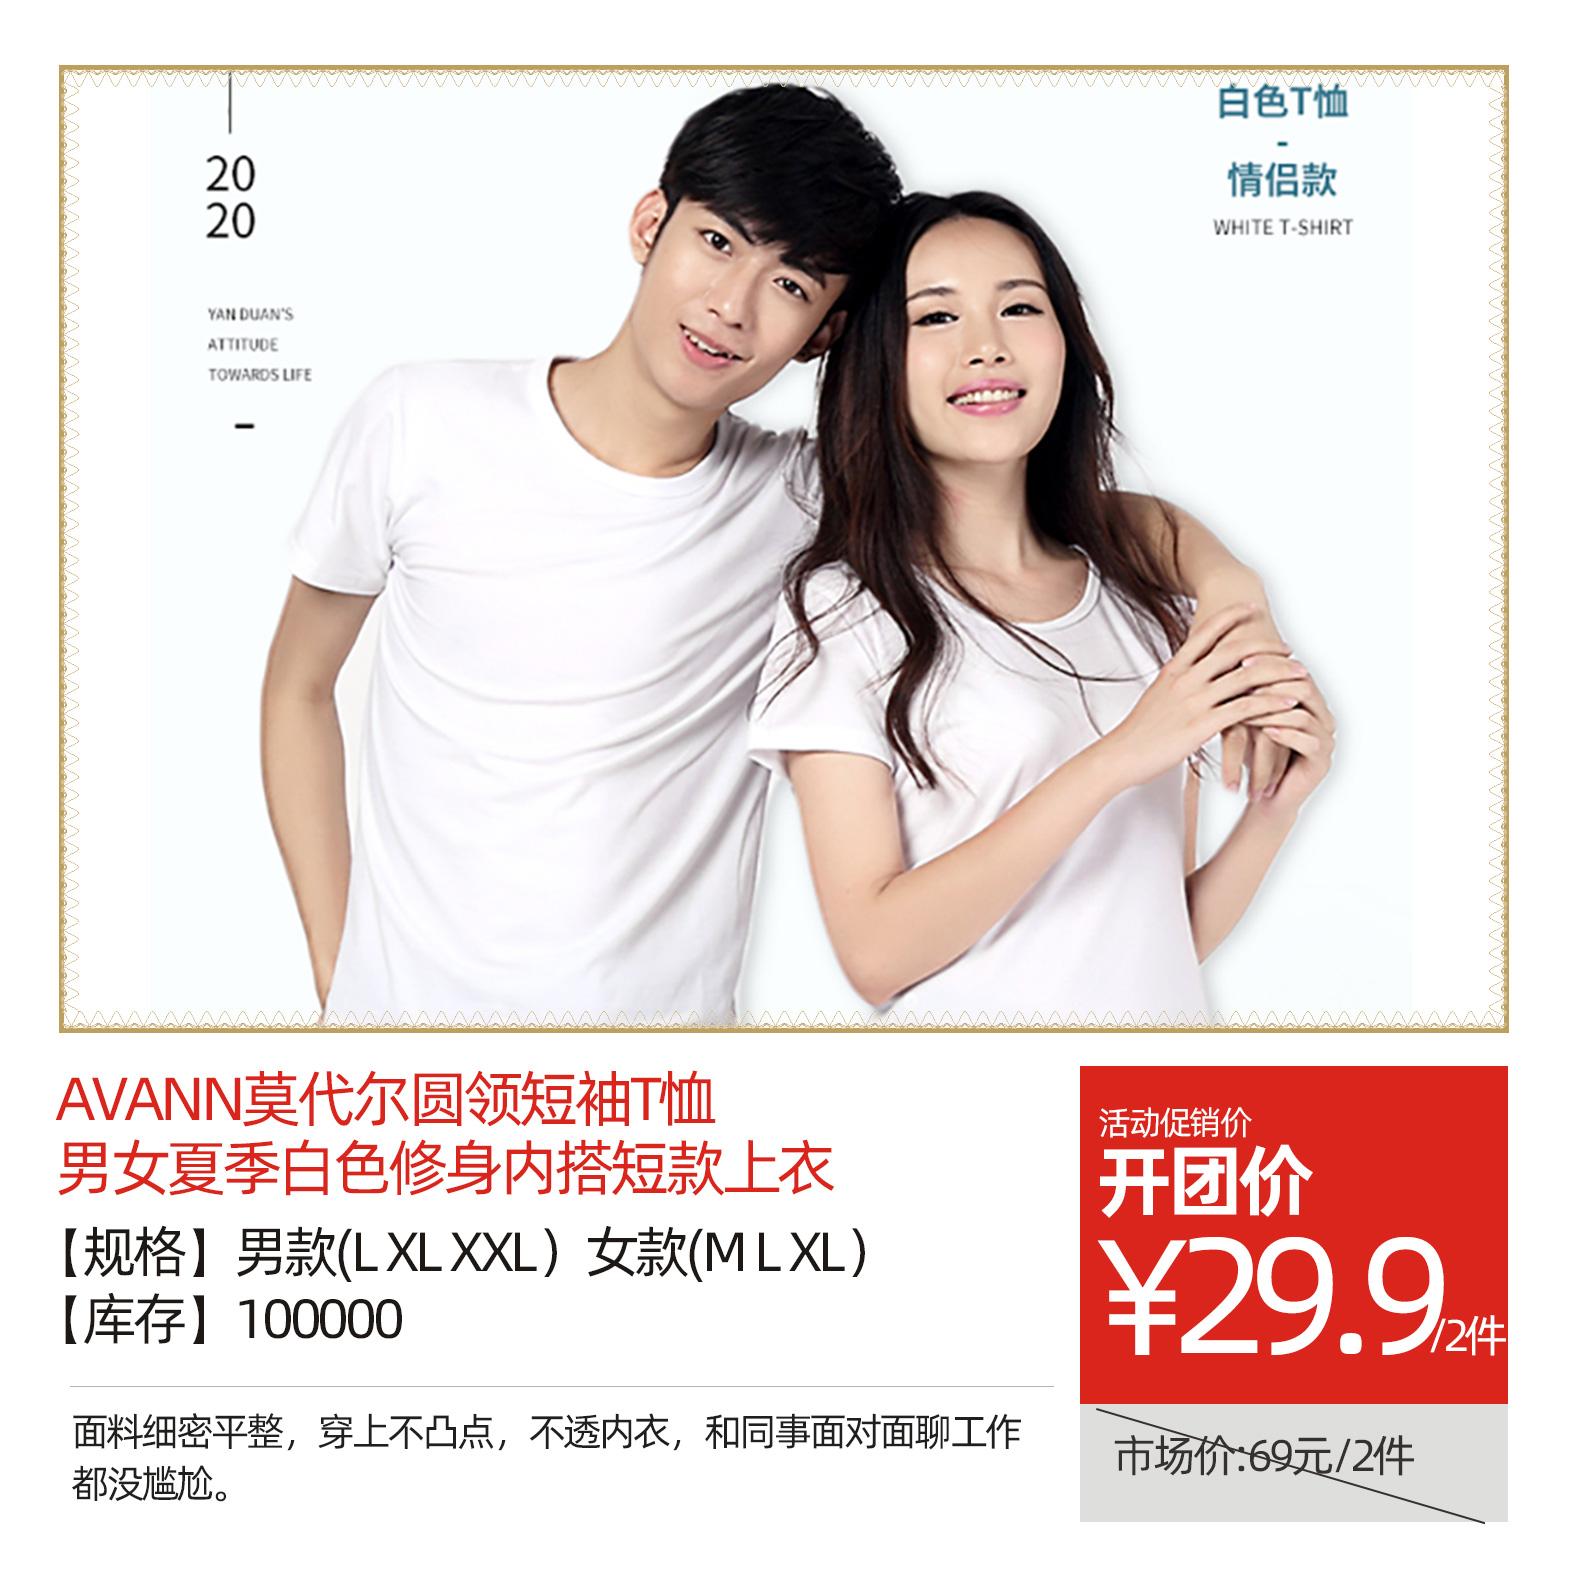 Avann莫代尔圆领短袖T恤男女夏季白色修身内搭短款上衣30元两件